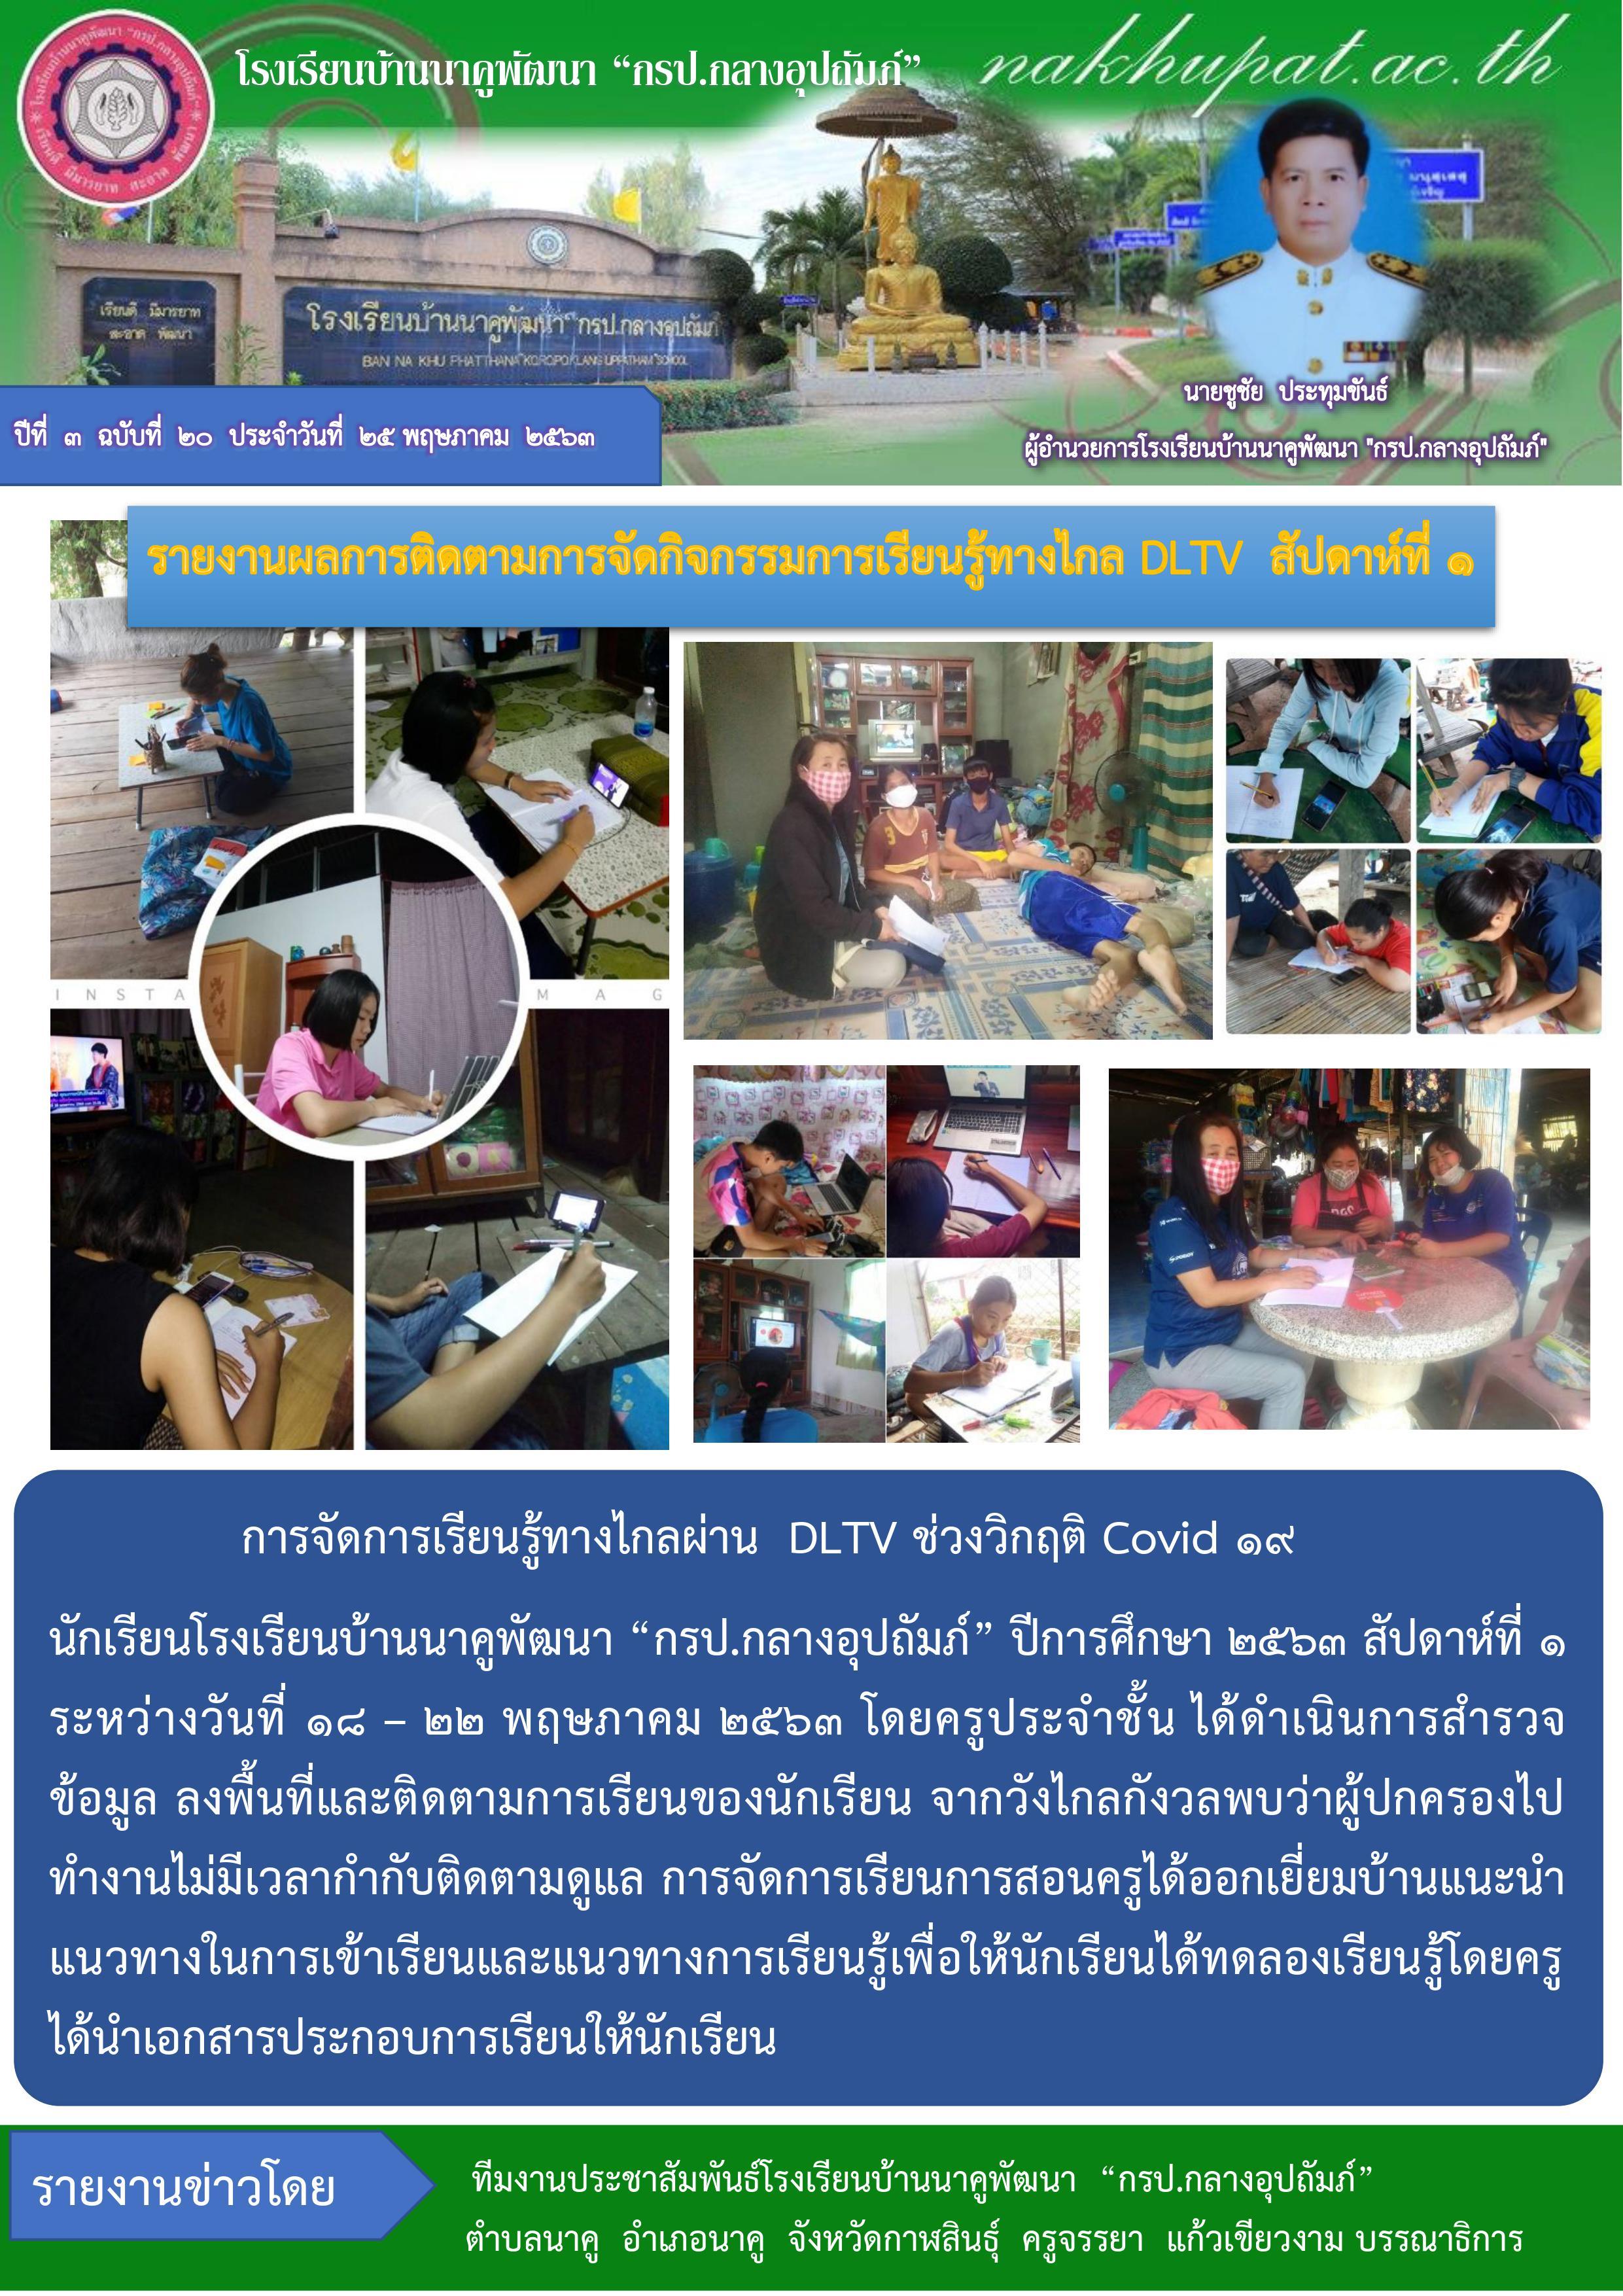 การจัดการเรียนรู้ทางไกลผ่าน DLTV โรงเรียนบ้านนาคูพัฒนาฯ